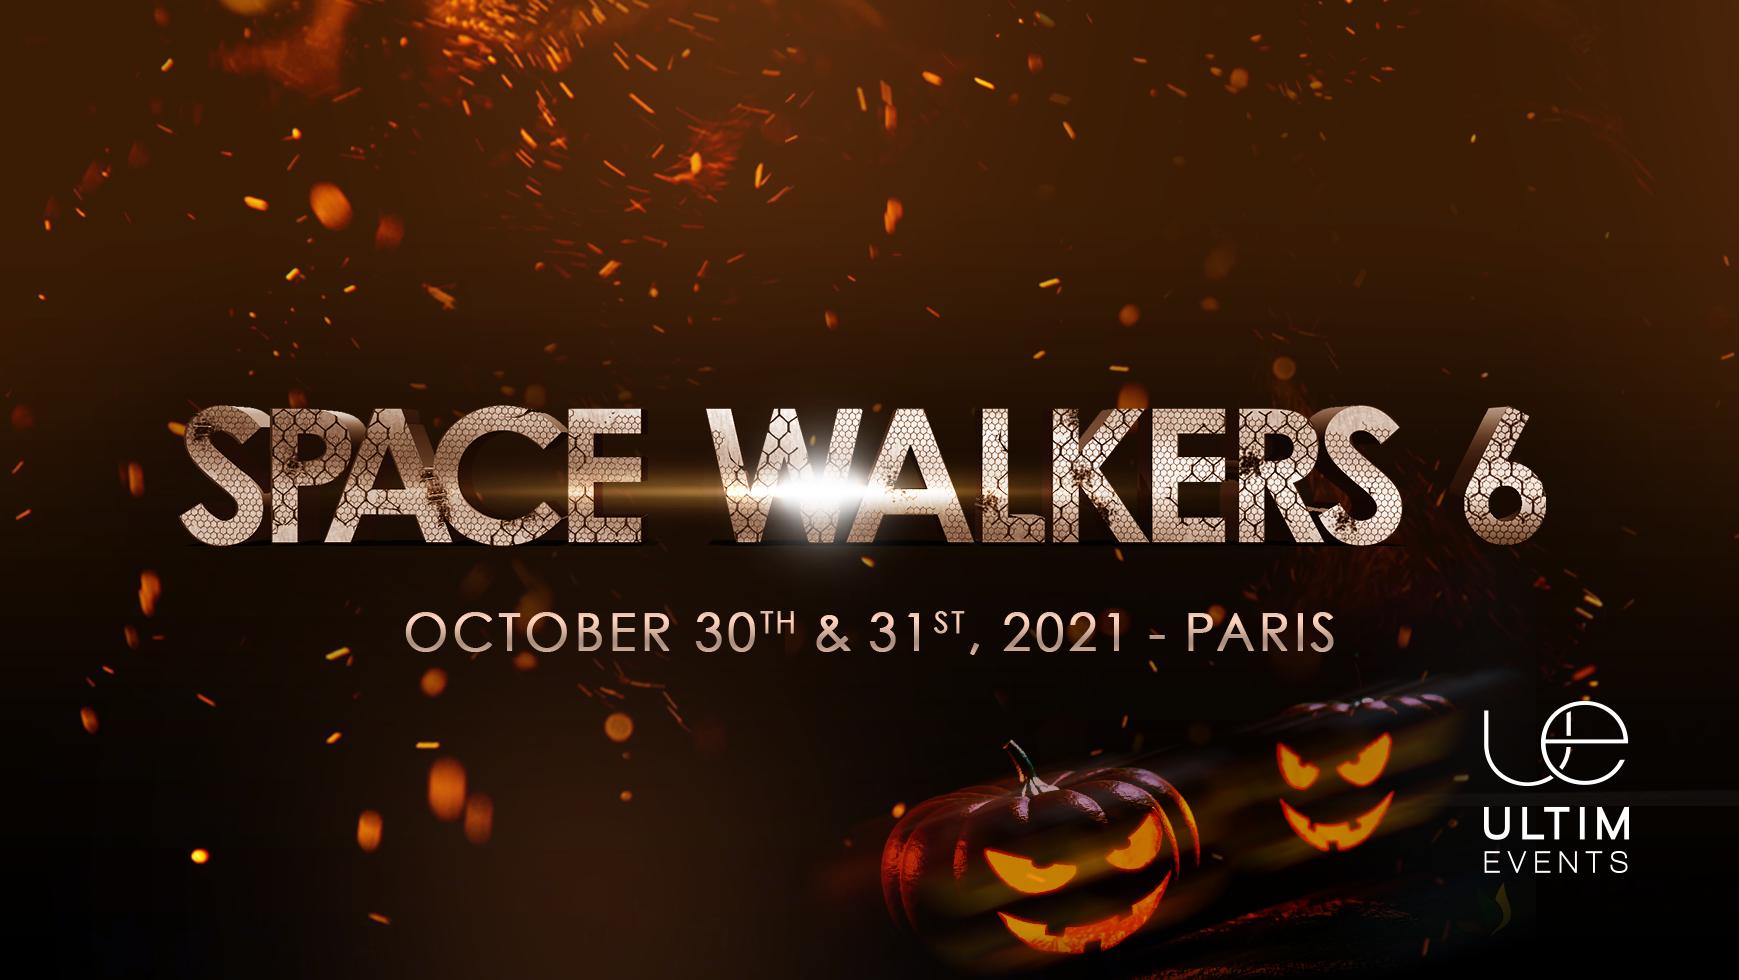 Space Walkers 6